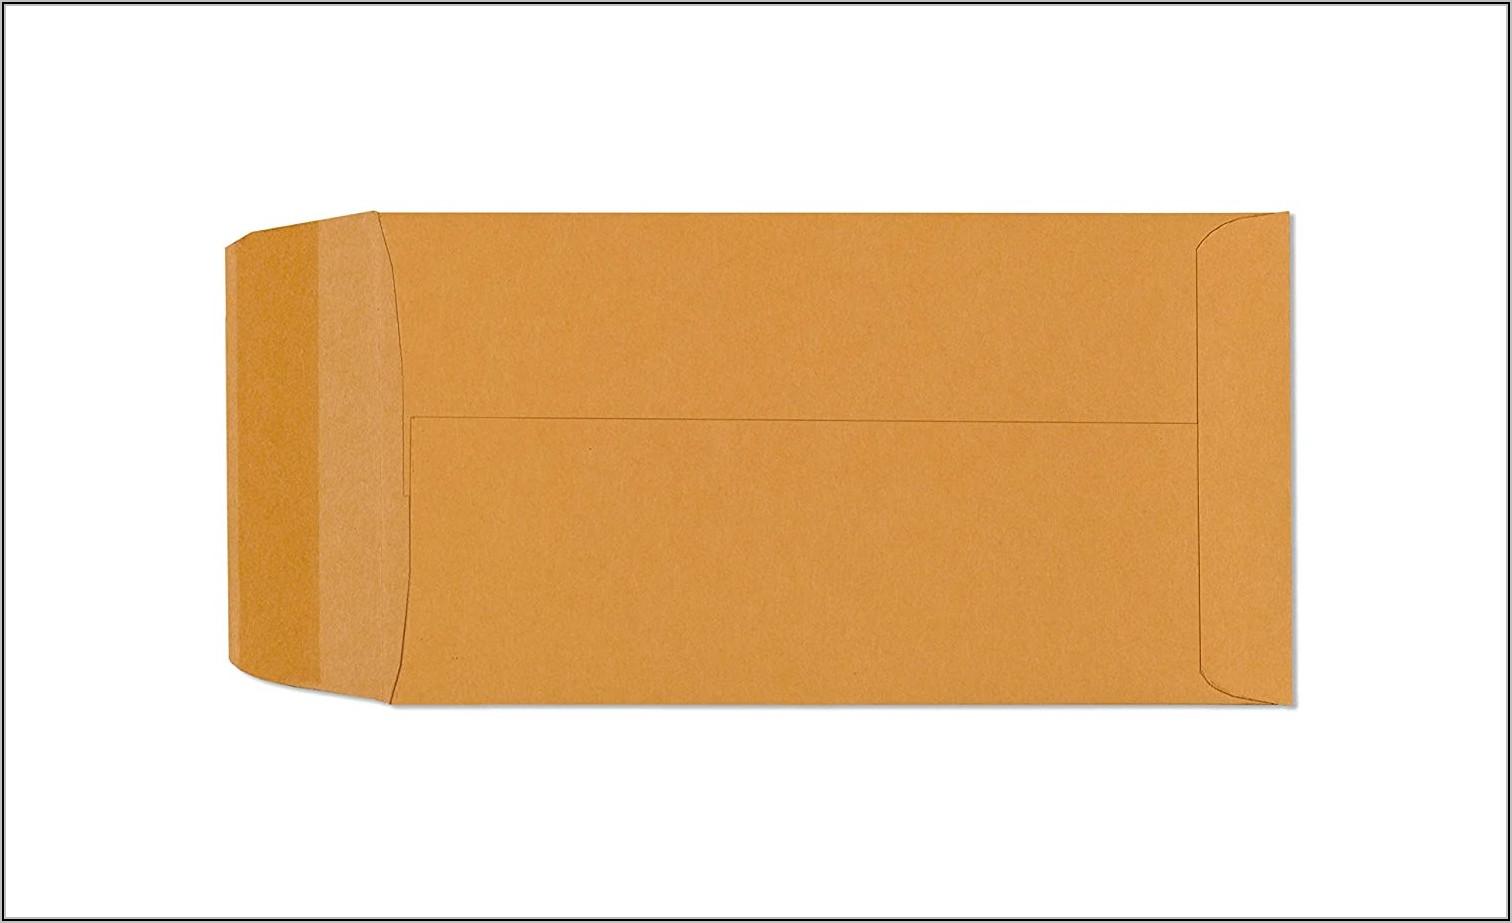 Brown Envelopes 3 12 X 6 12